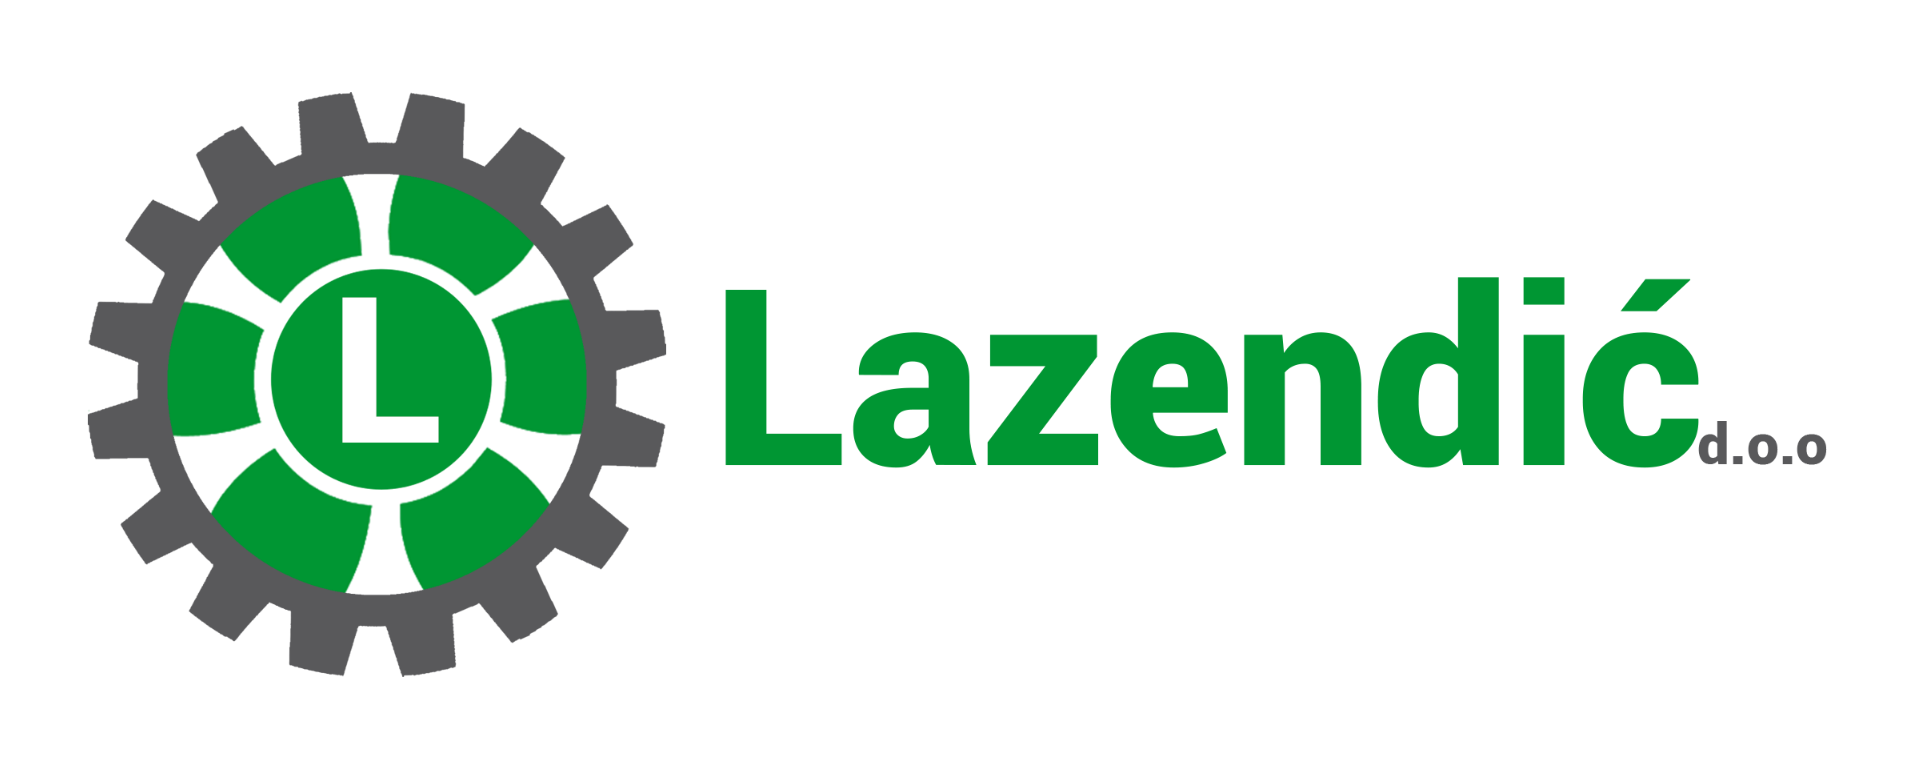 partner_logo/82.png